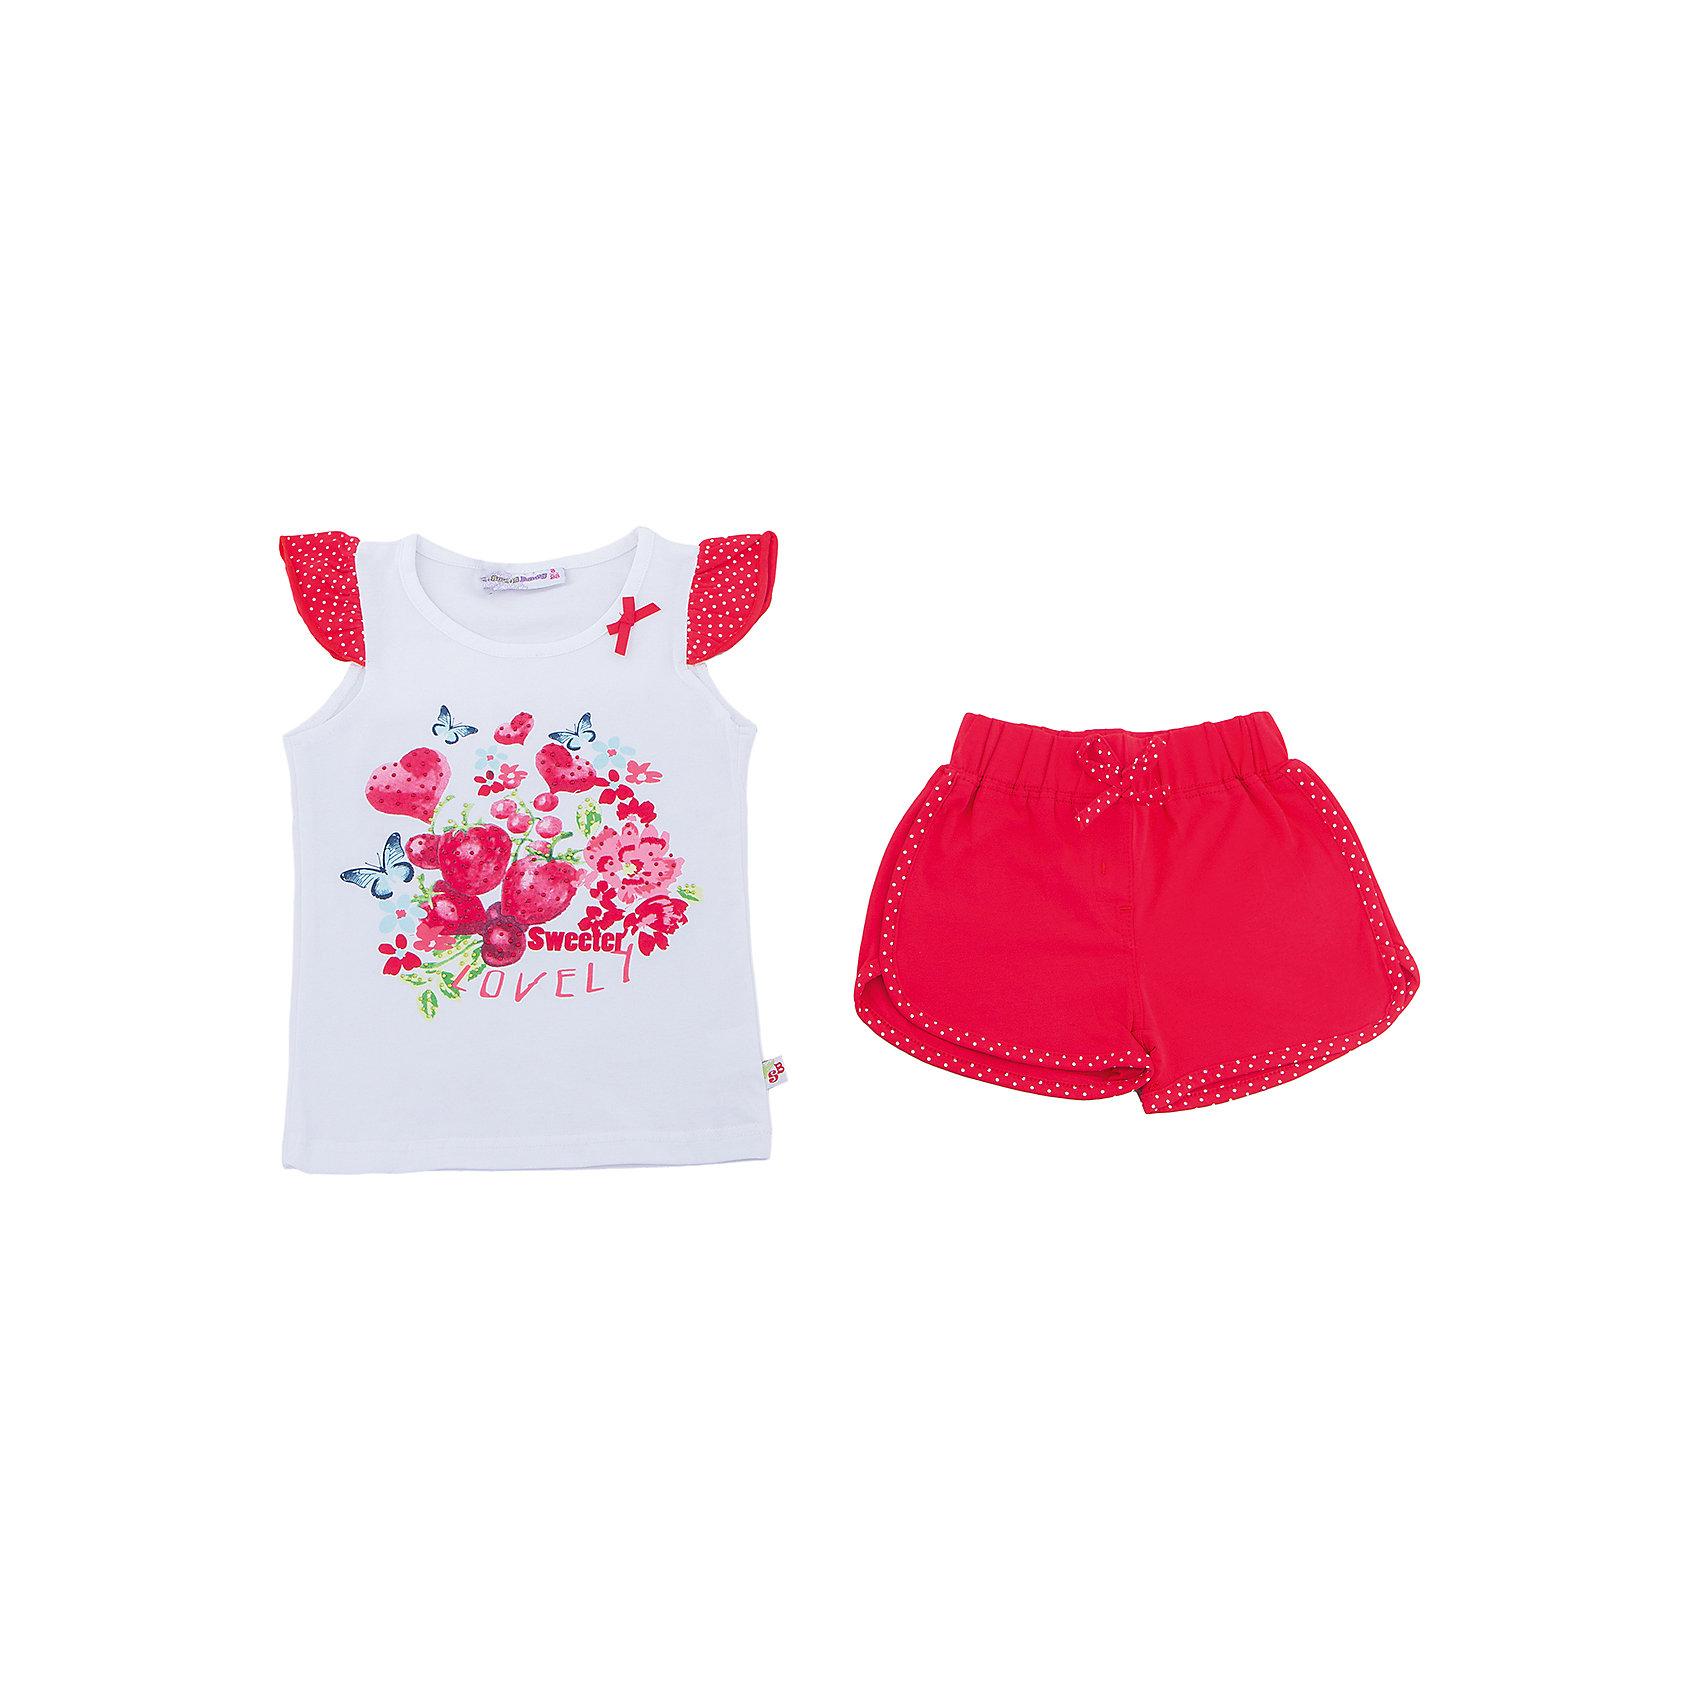 Комплект: футболка и шорты для девочки Sweet BerryКомплекты<br>Трикотажный комплект для девочки состоящий из футболки и шорт. Футболка декорирована ярким принтом и рукавами воланами. Короткие, мягкие шорты с контрастной отстрочкой. Эластичный пояс на резинке.<br>Состав:<br>95%хлопок 5%эластан<br><br>Ширина мм: 191<br>Глубина мм: 10<br>Высота мм: 175<br>Вес г: 273<br>Цвет: разноцветный<br>Возраст от месяцев: 36<br>Возраст до месяцев: 48<br>Пол: Женский<br>Возраст: Детский<br>Размер: 104,98,110,116,122,128<br>SKU: 5409938